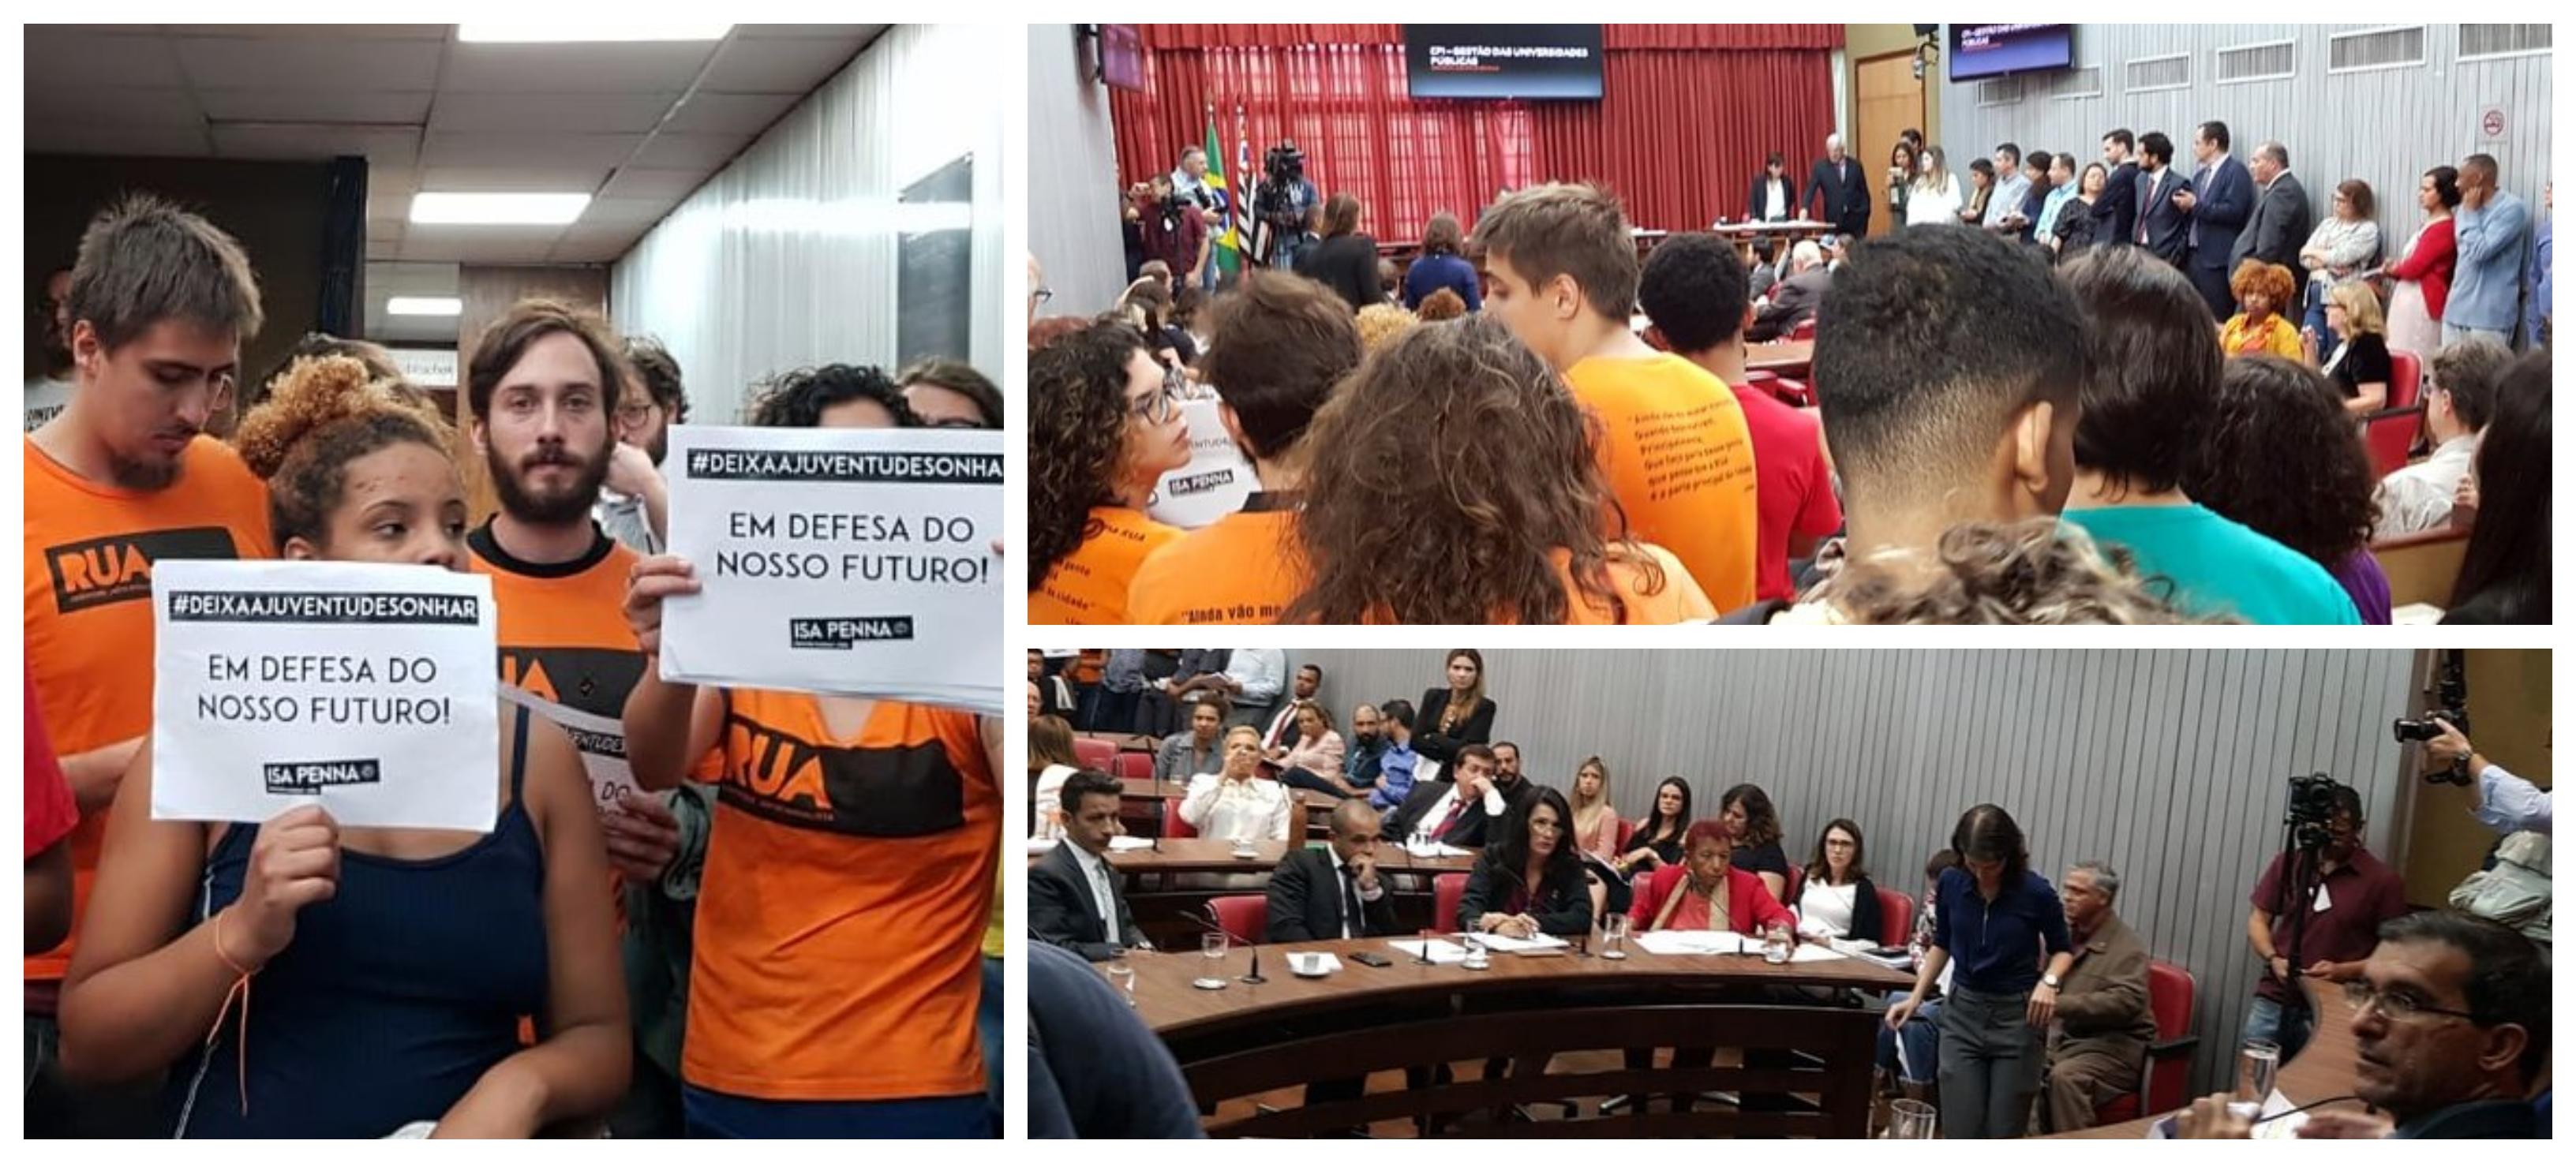 Lúcia Rodrigues: Direita e extrema-direita controlam CPI das Universidades